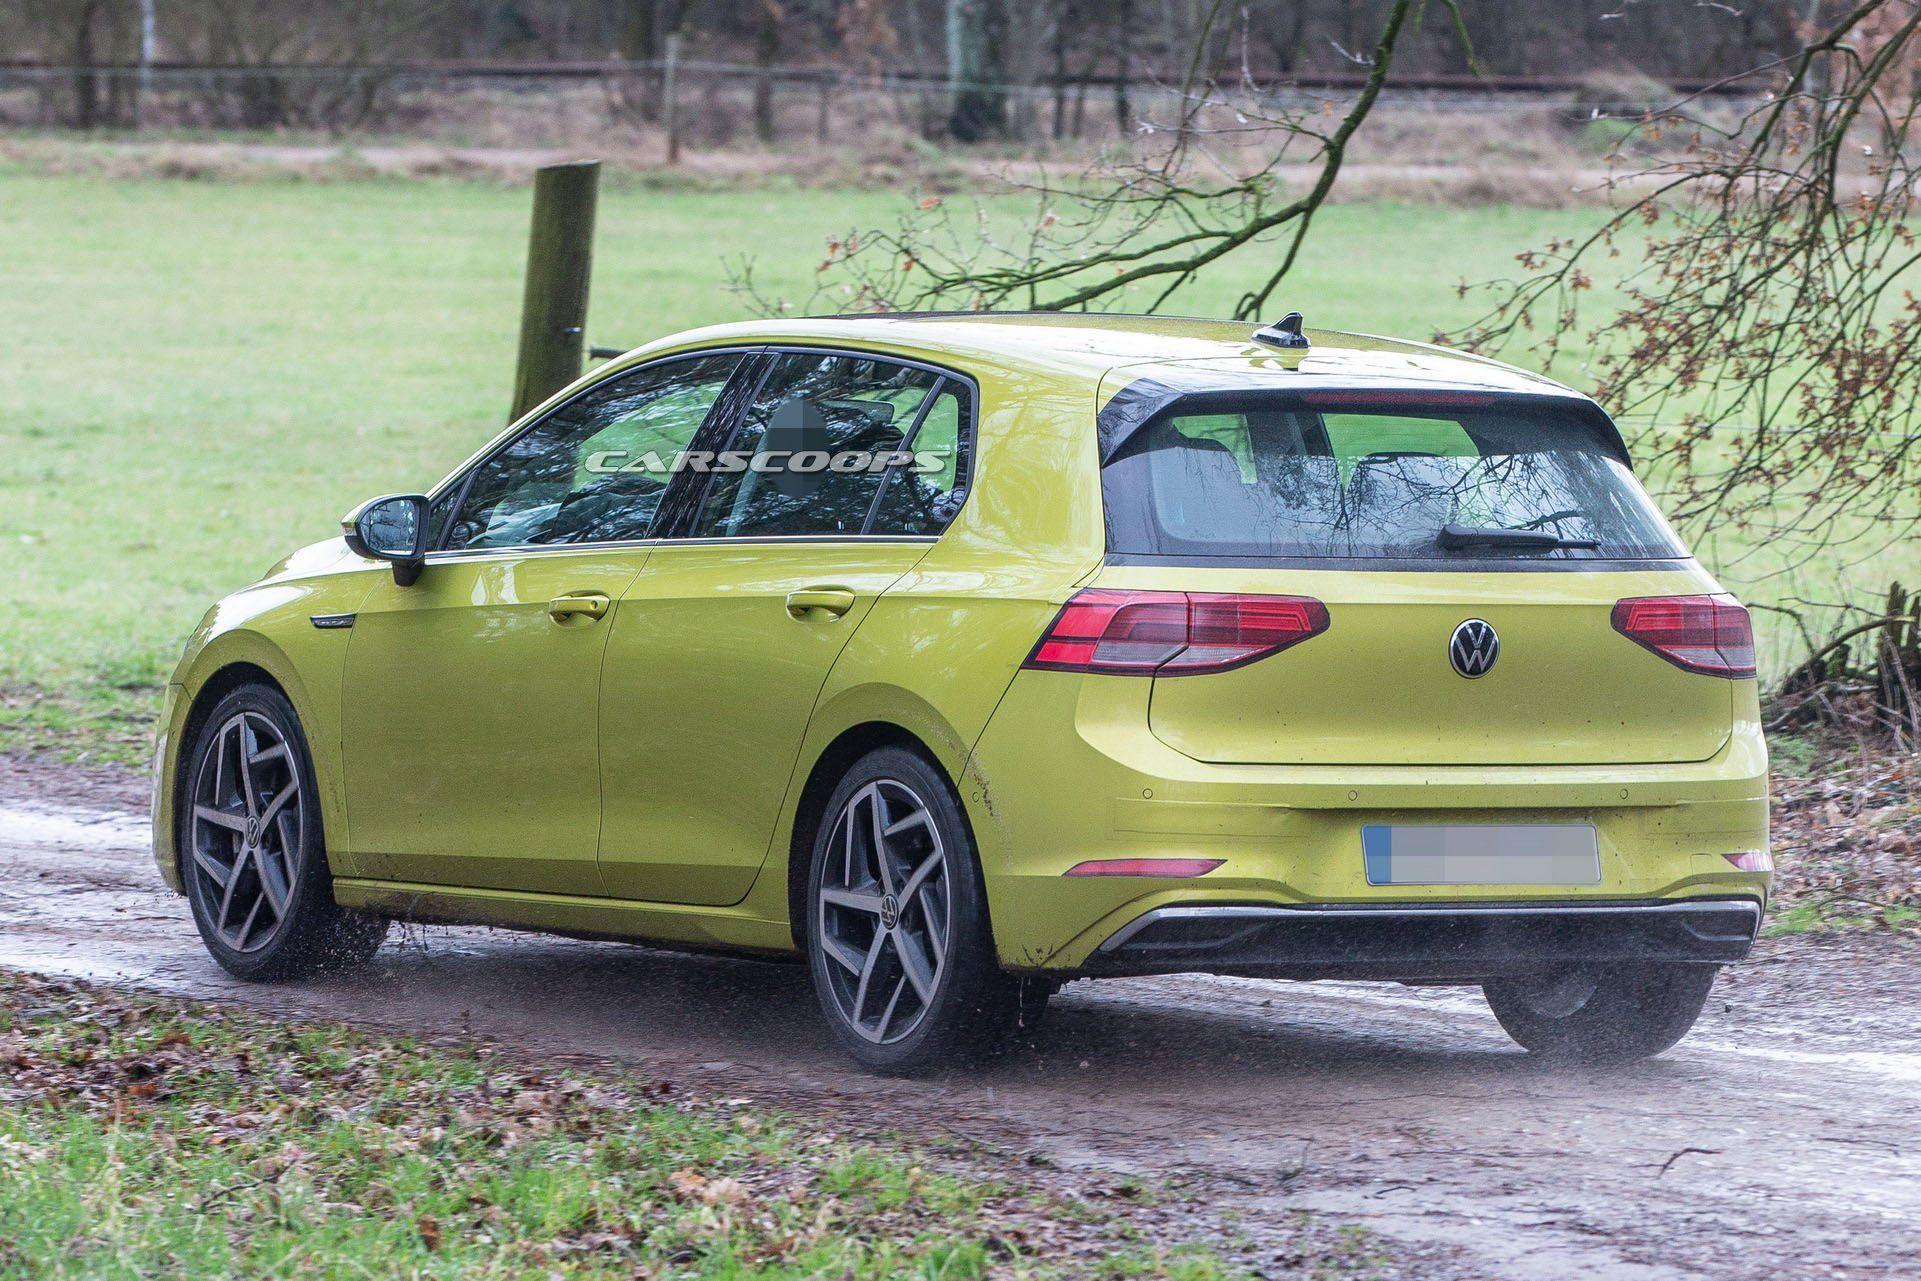 Volkswagen відмінив прем'єру Golf нового покоління на автосалоні у Франкфурті